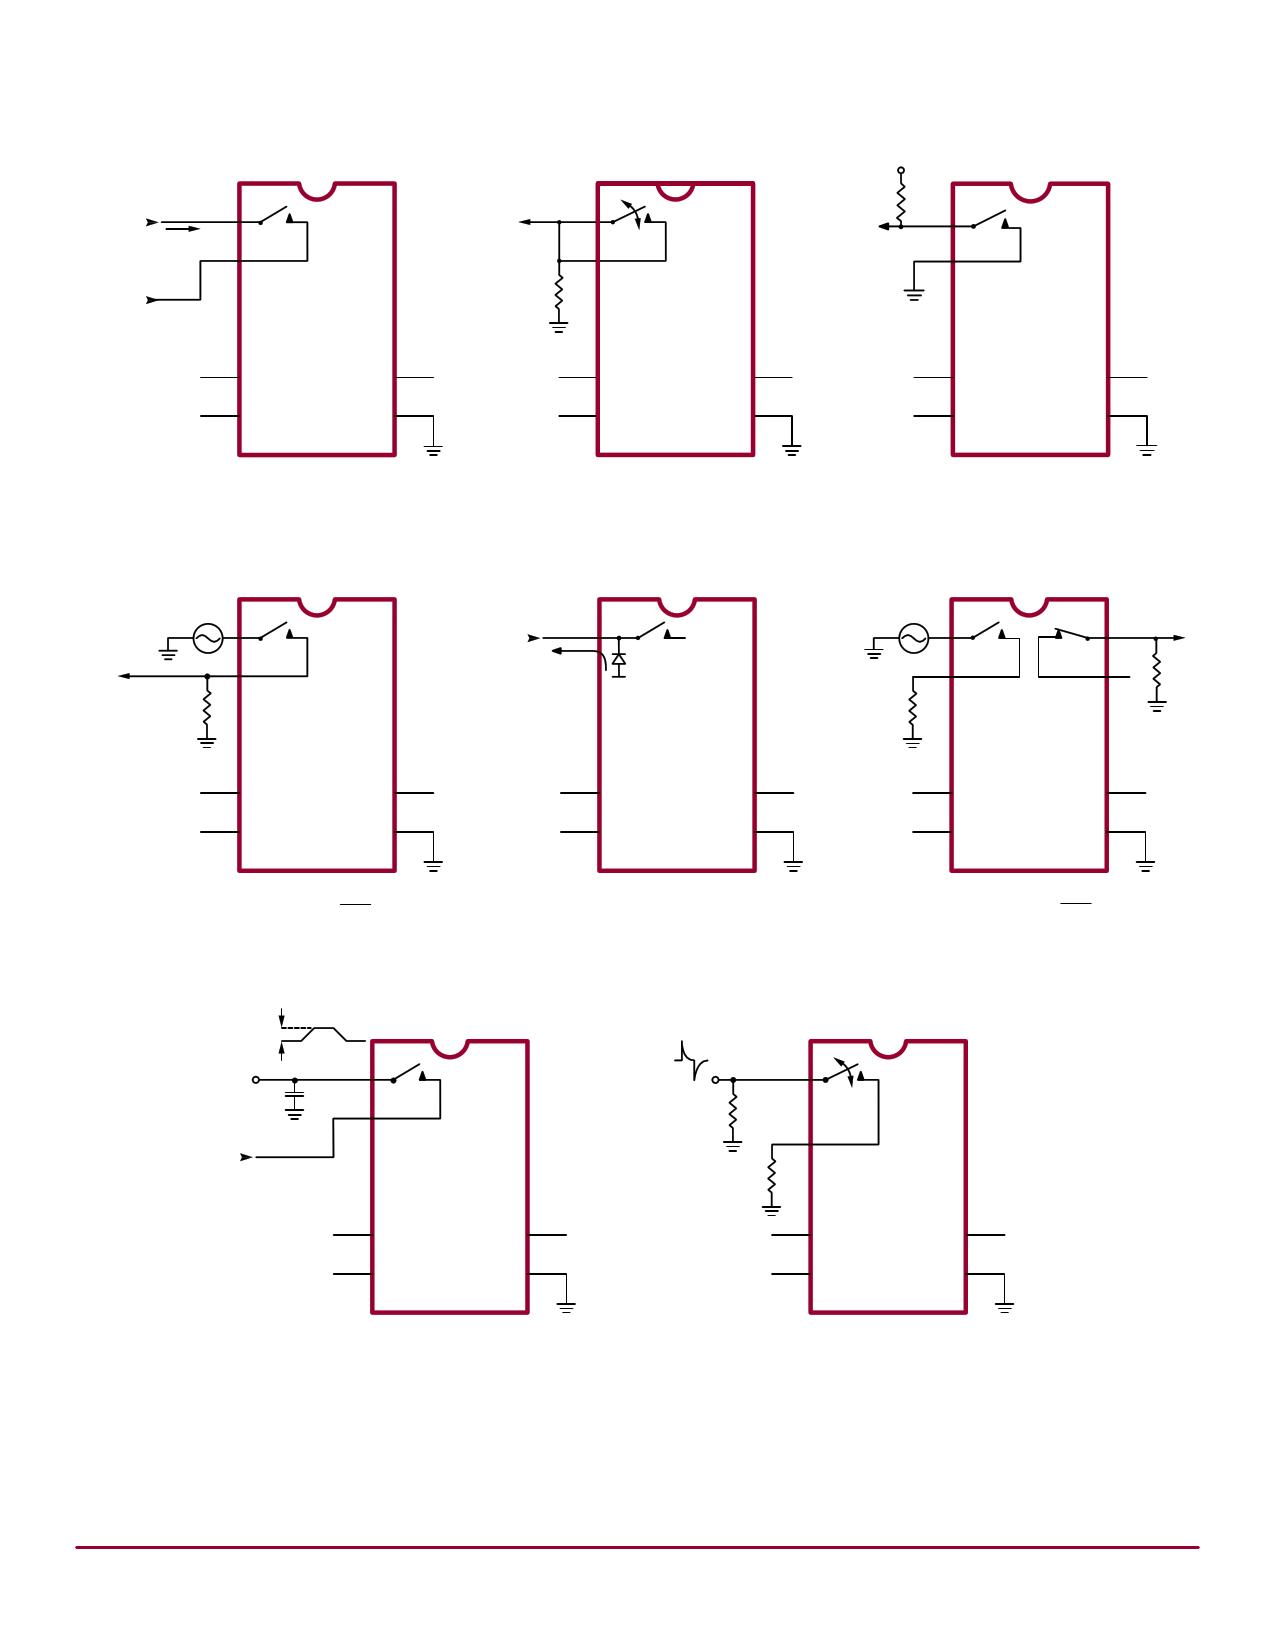 HV20320 電子部品, 半導体